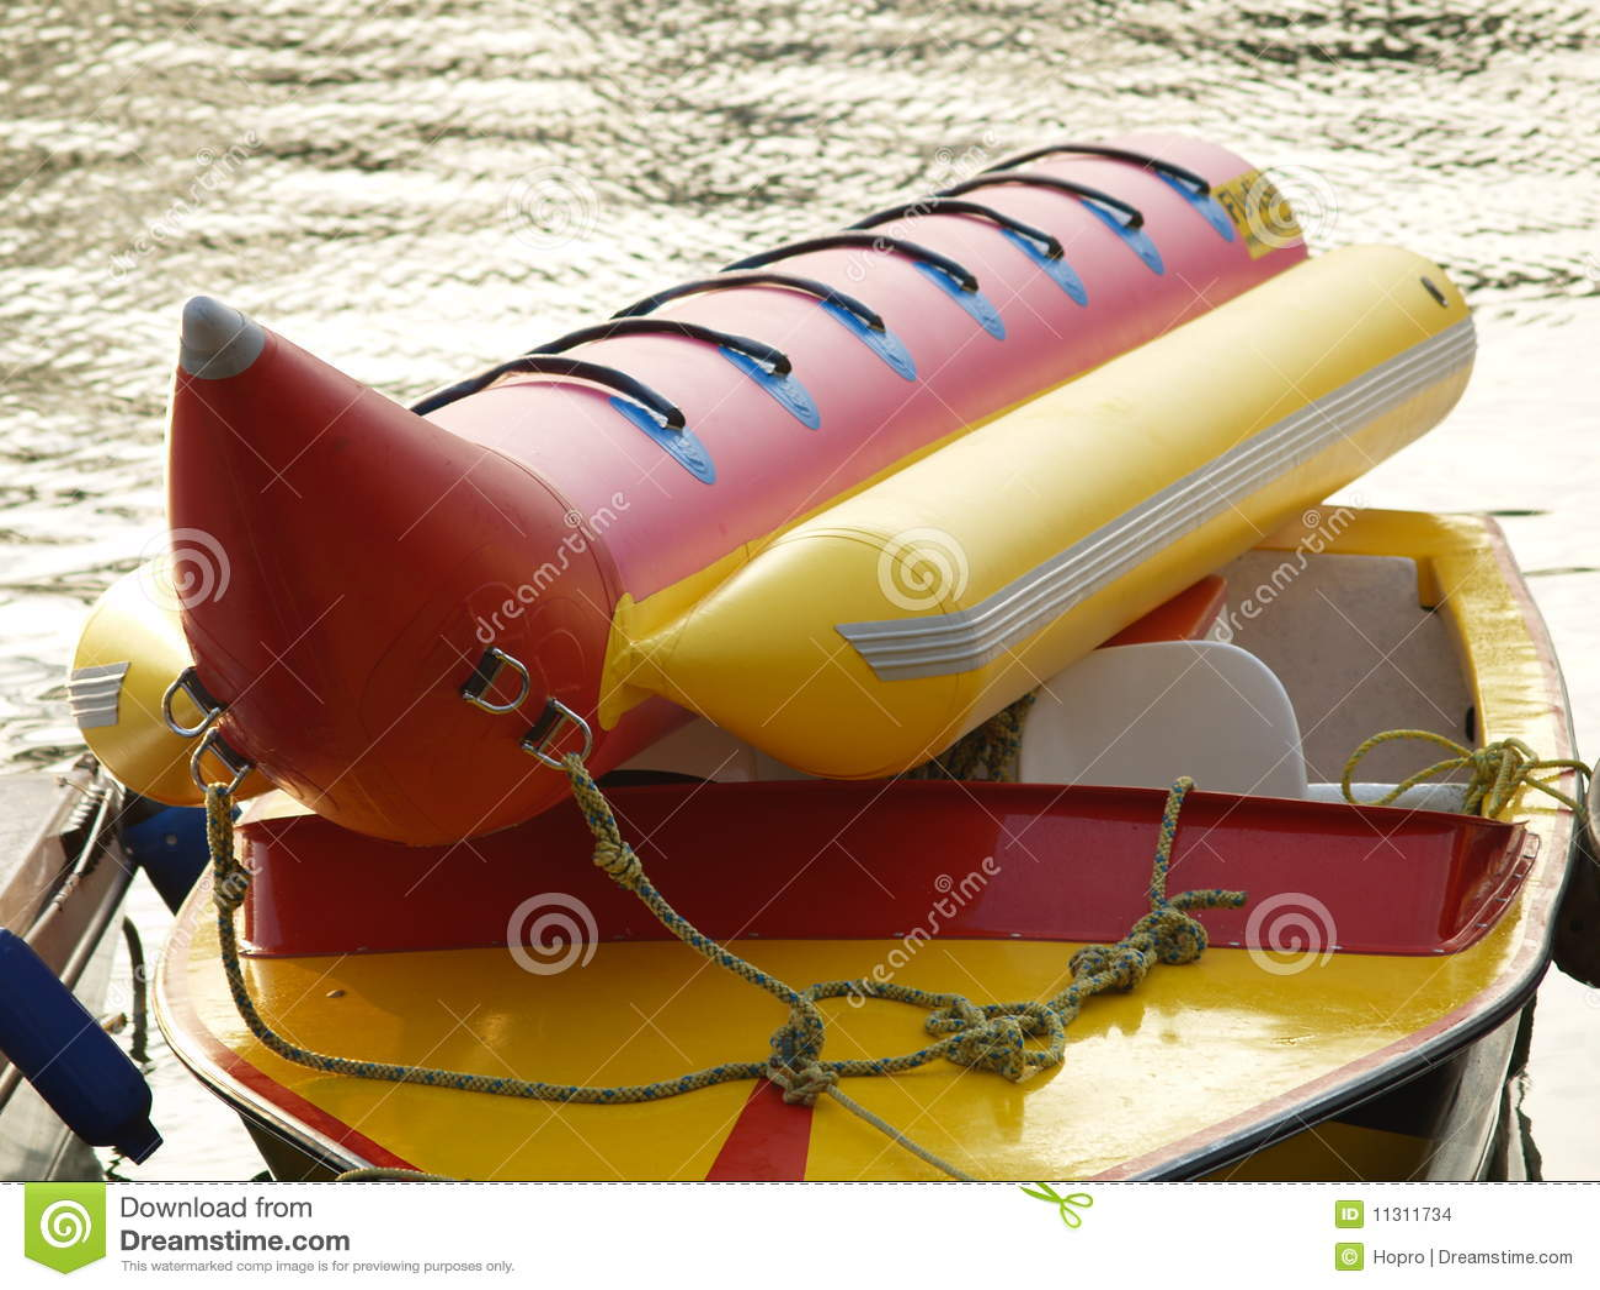 Banane u. Boot